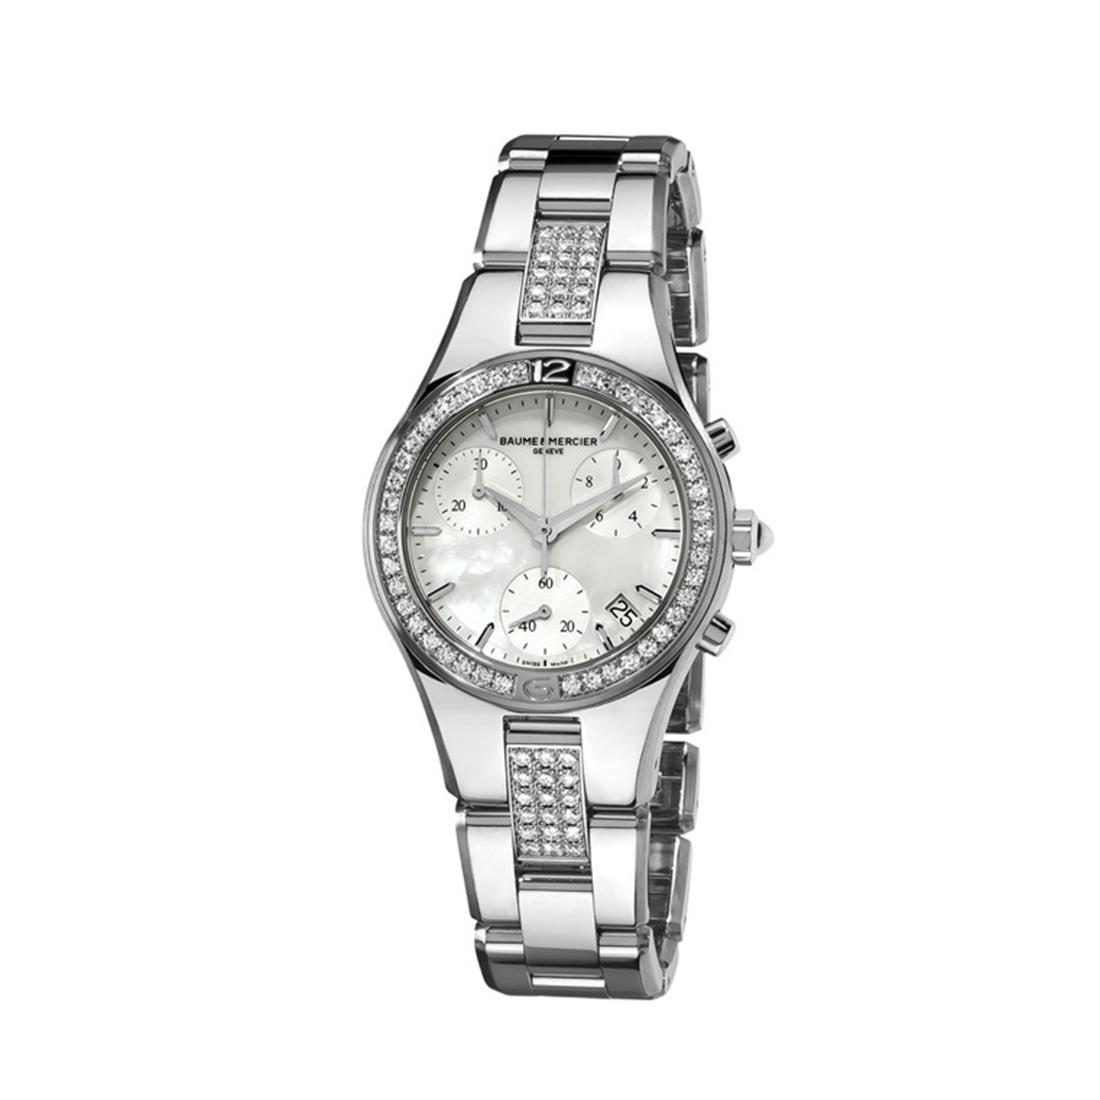 Orologio donna con diamanti, cassa 32mm - BAUME & MERCIER